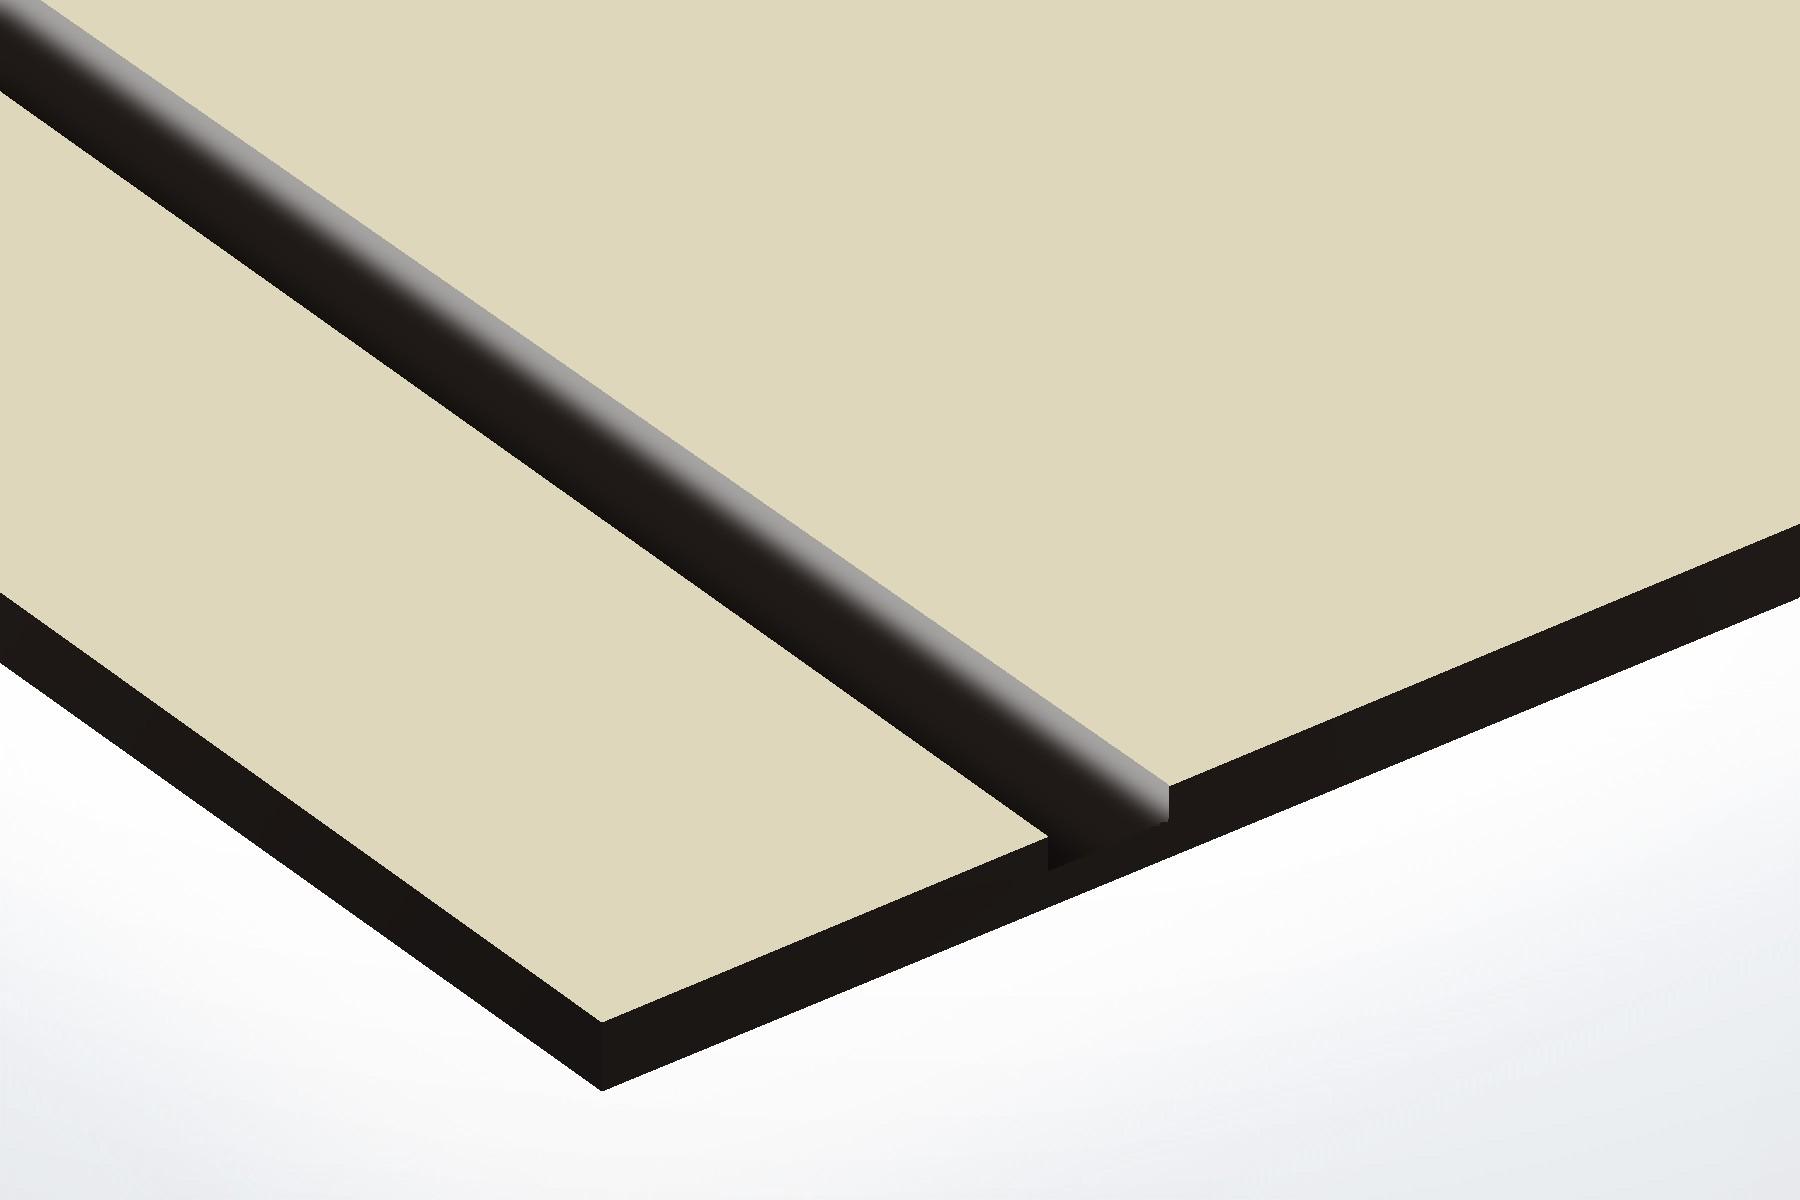 Plaque boite aux lettres Decayeux (100x25mm) beige lettres noires - 3 lignes